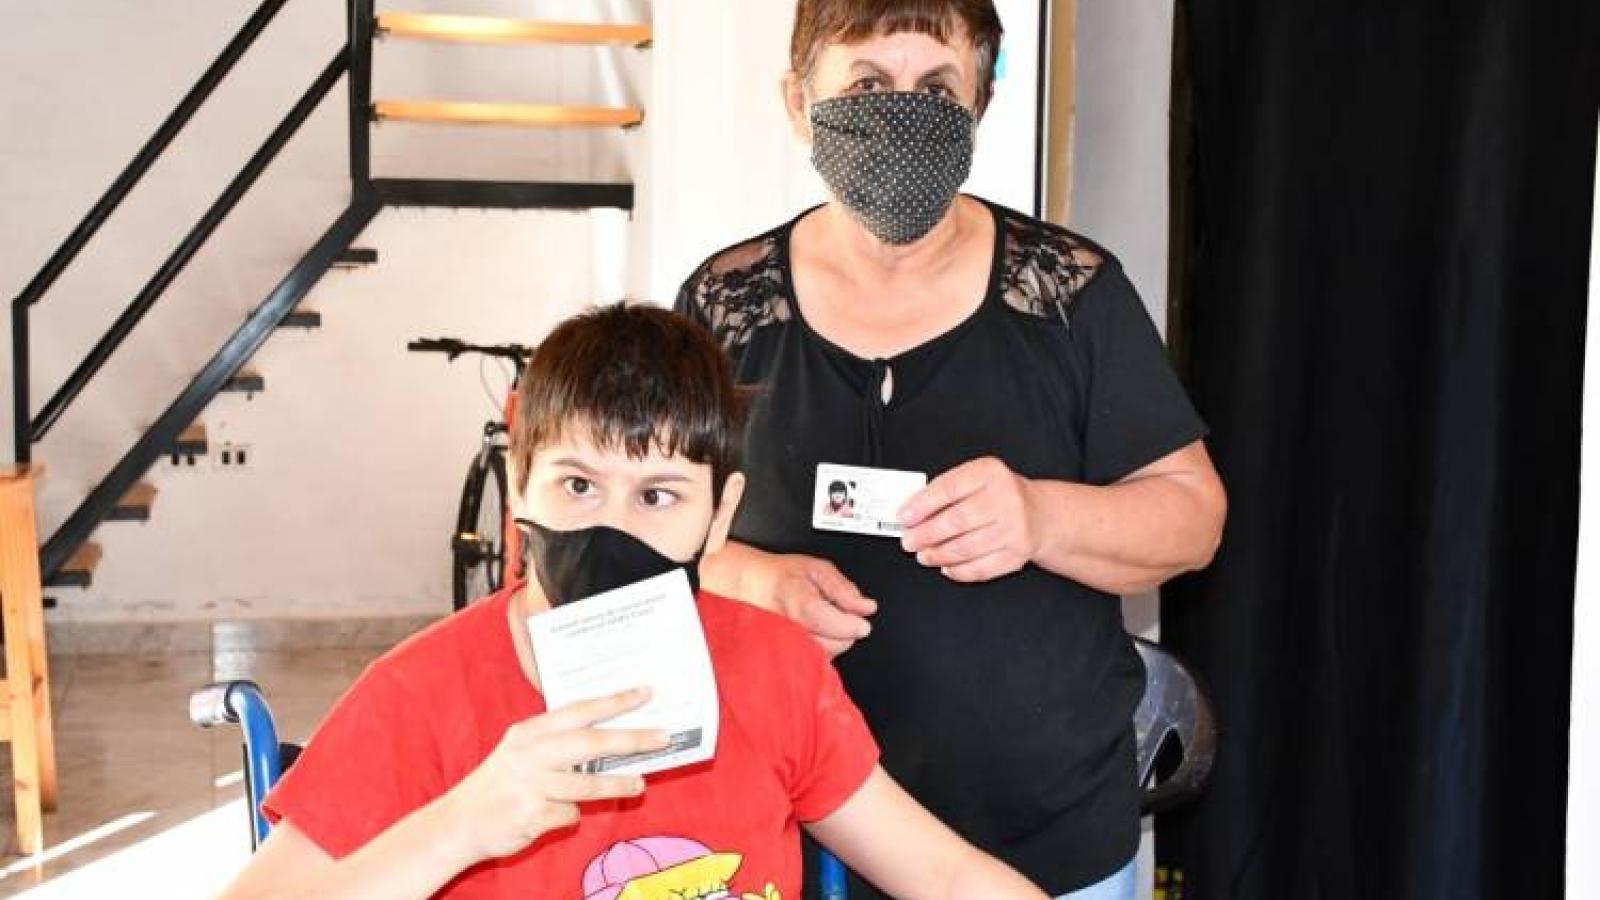 Persona en silla de ruedas muestra su carnet de vacunación anti COVID